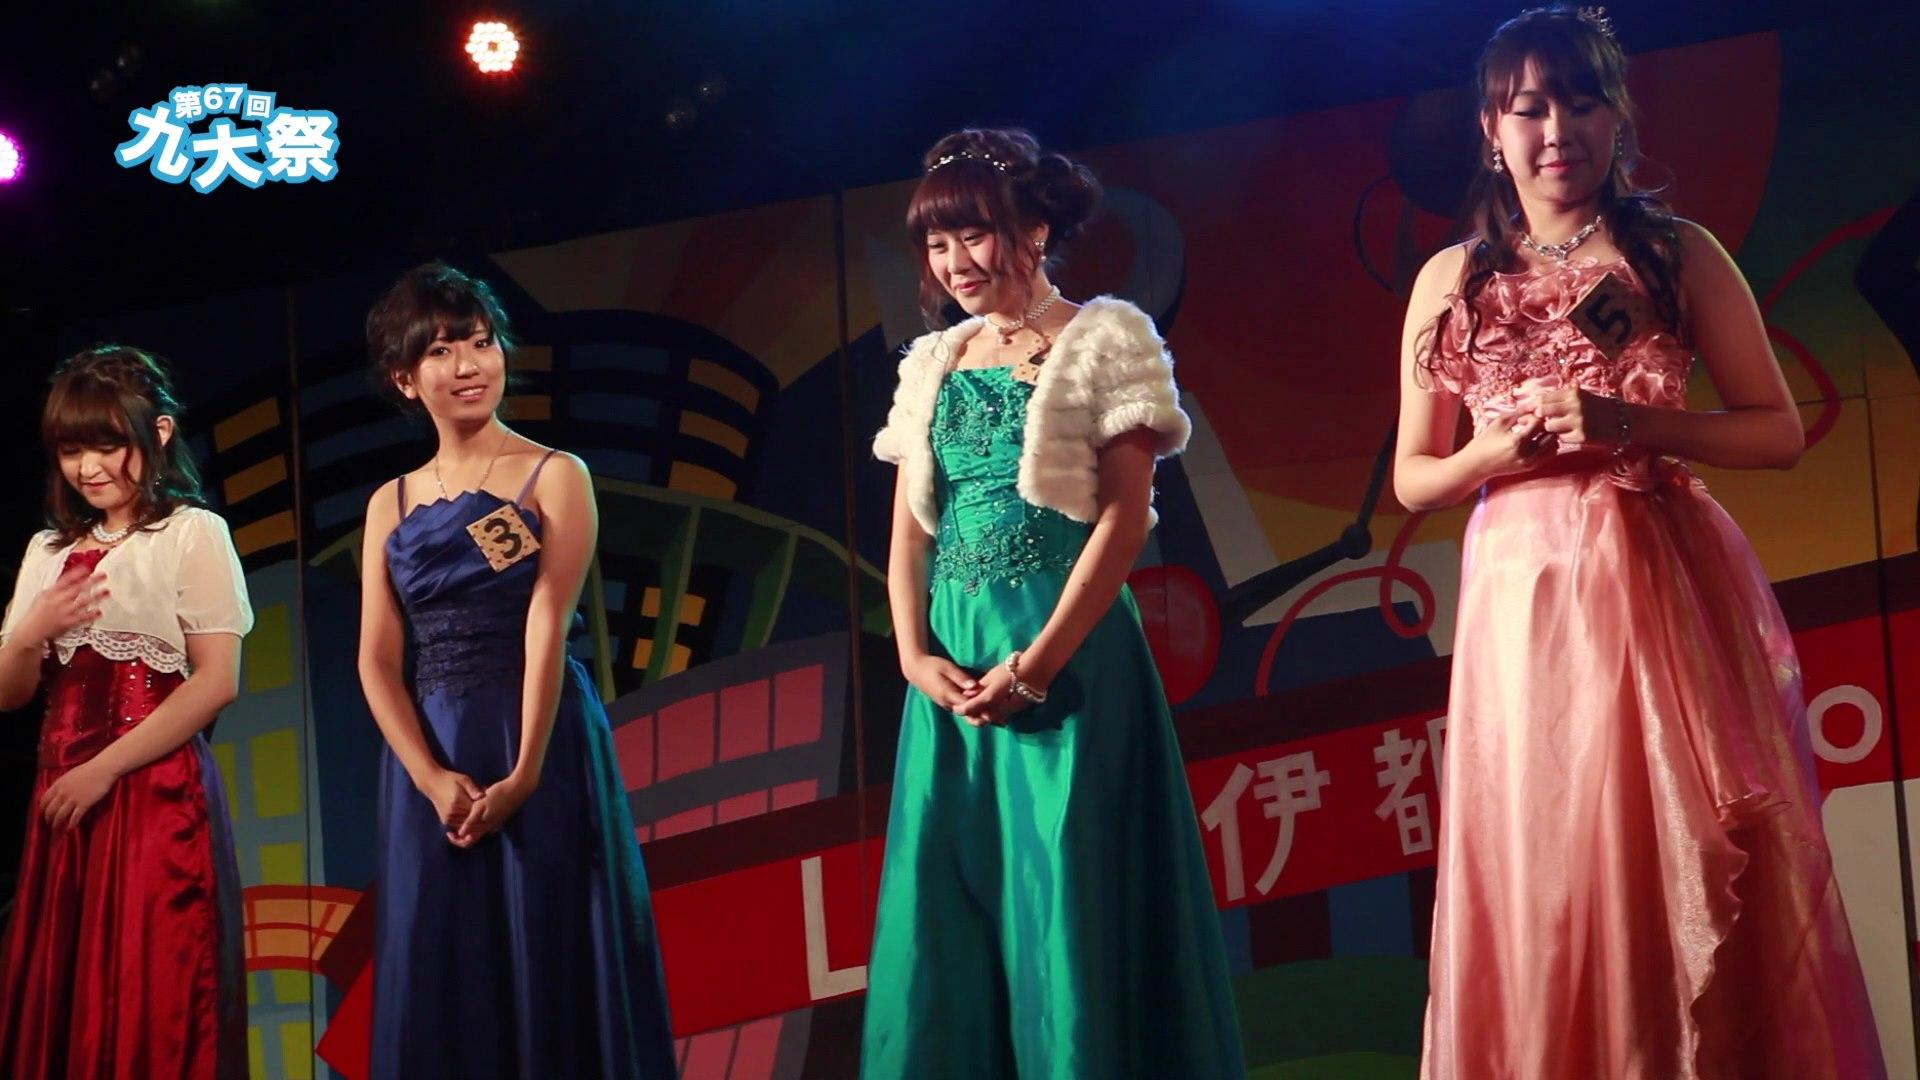 第67回 九州大学学祭.mov_000581471